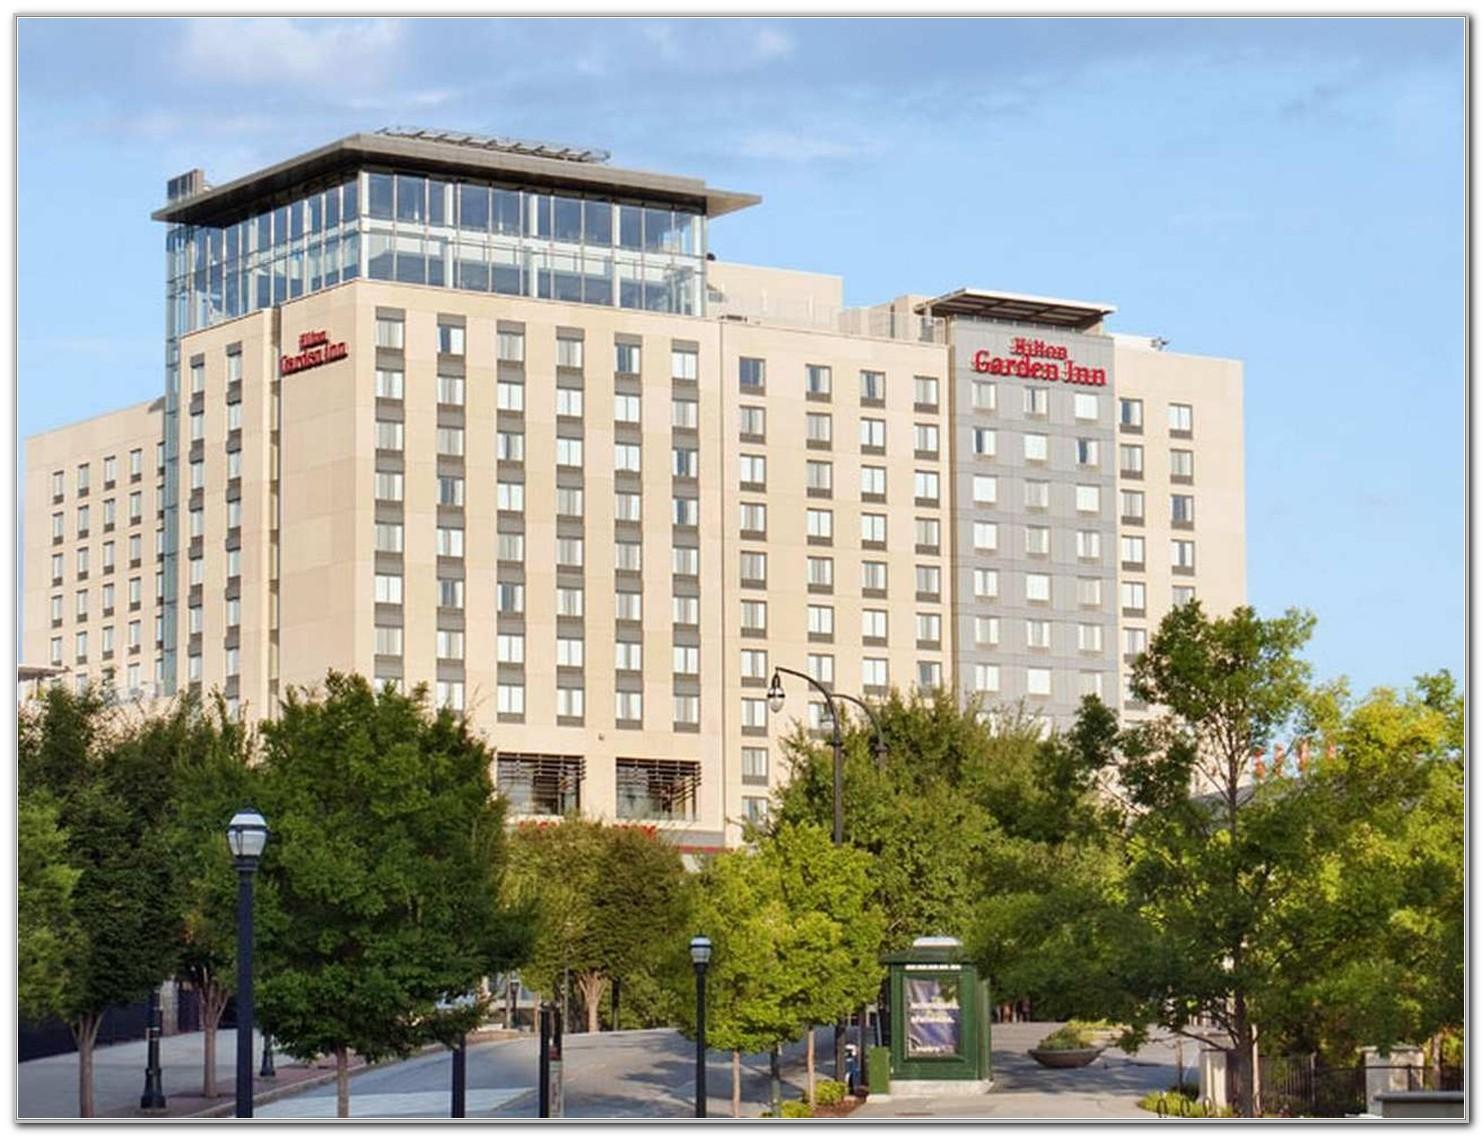 Hilton Garden Inn Downtown Atlanta Georgia